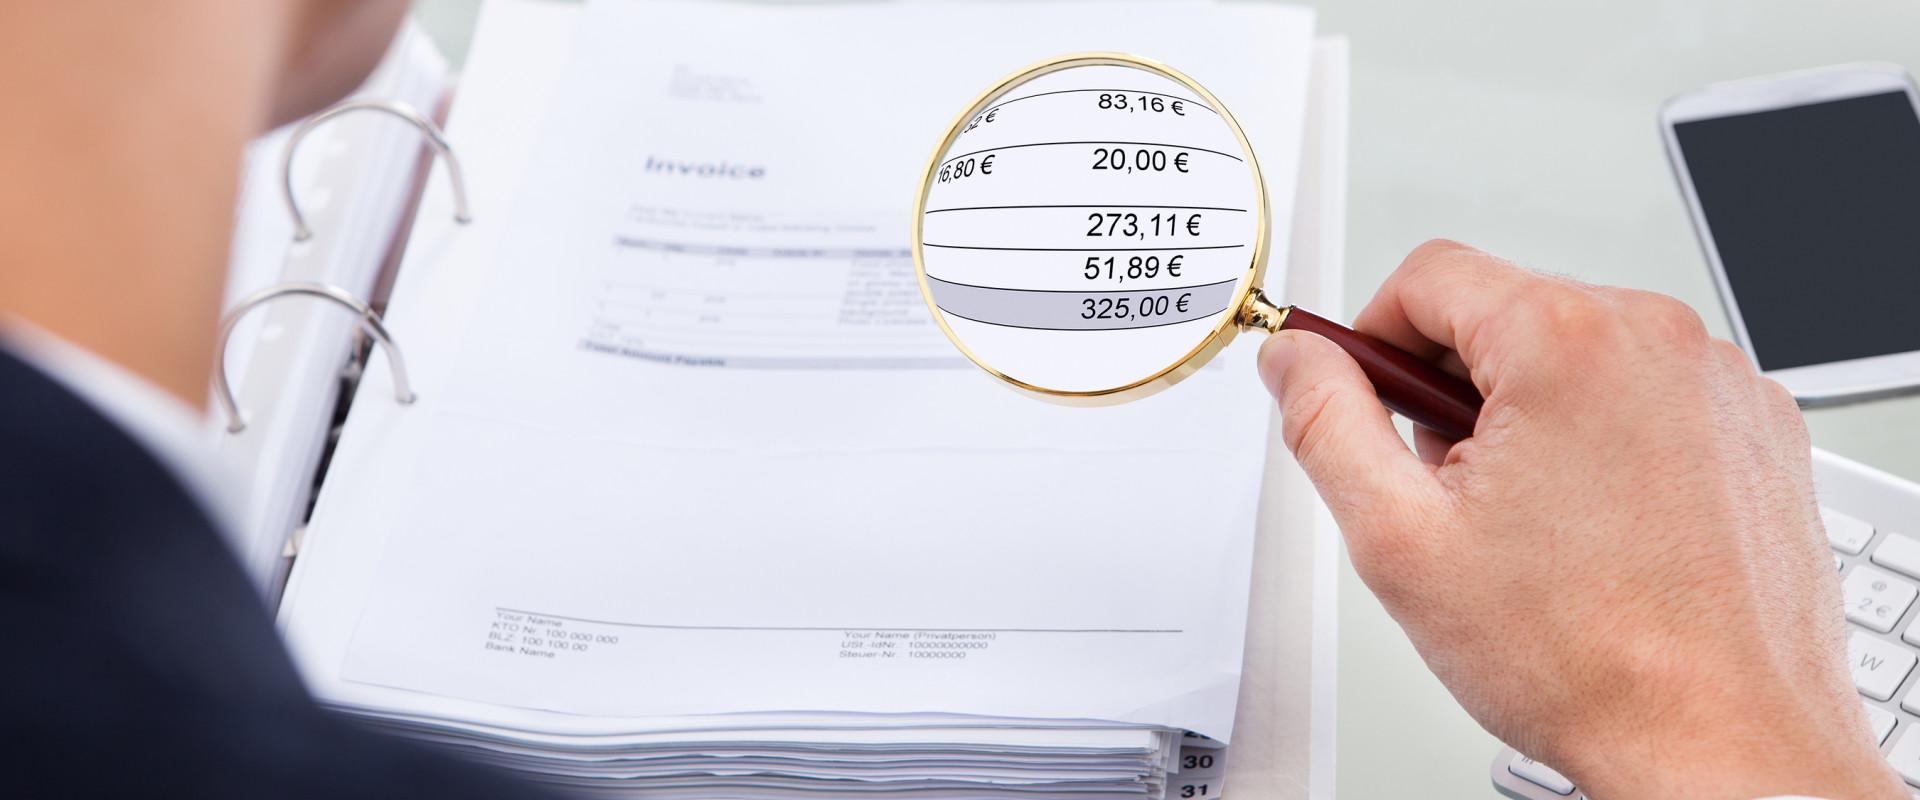 Belastingaangifte doen - Checklist van benodigde papieren